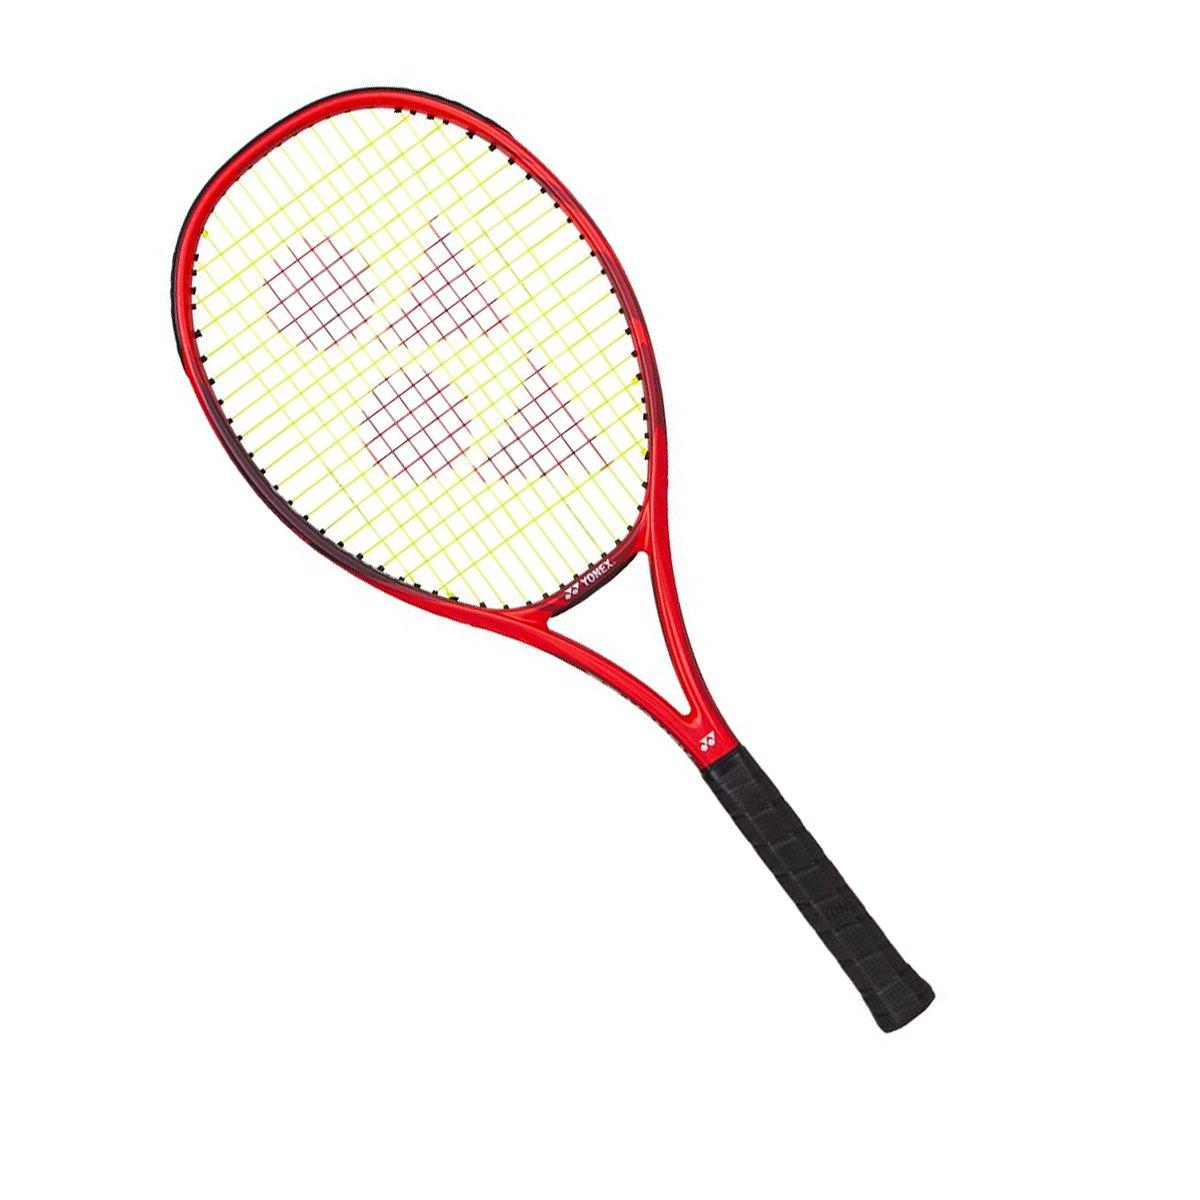 ed872ed65 Raquete de Tênis Vcore 100 16X19 300g Vermelha - Yonex